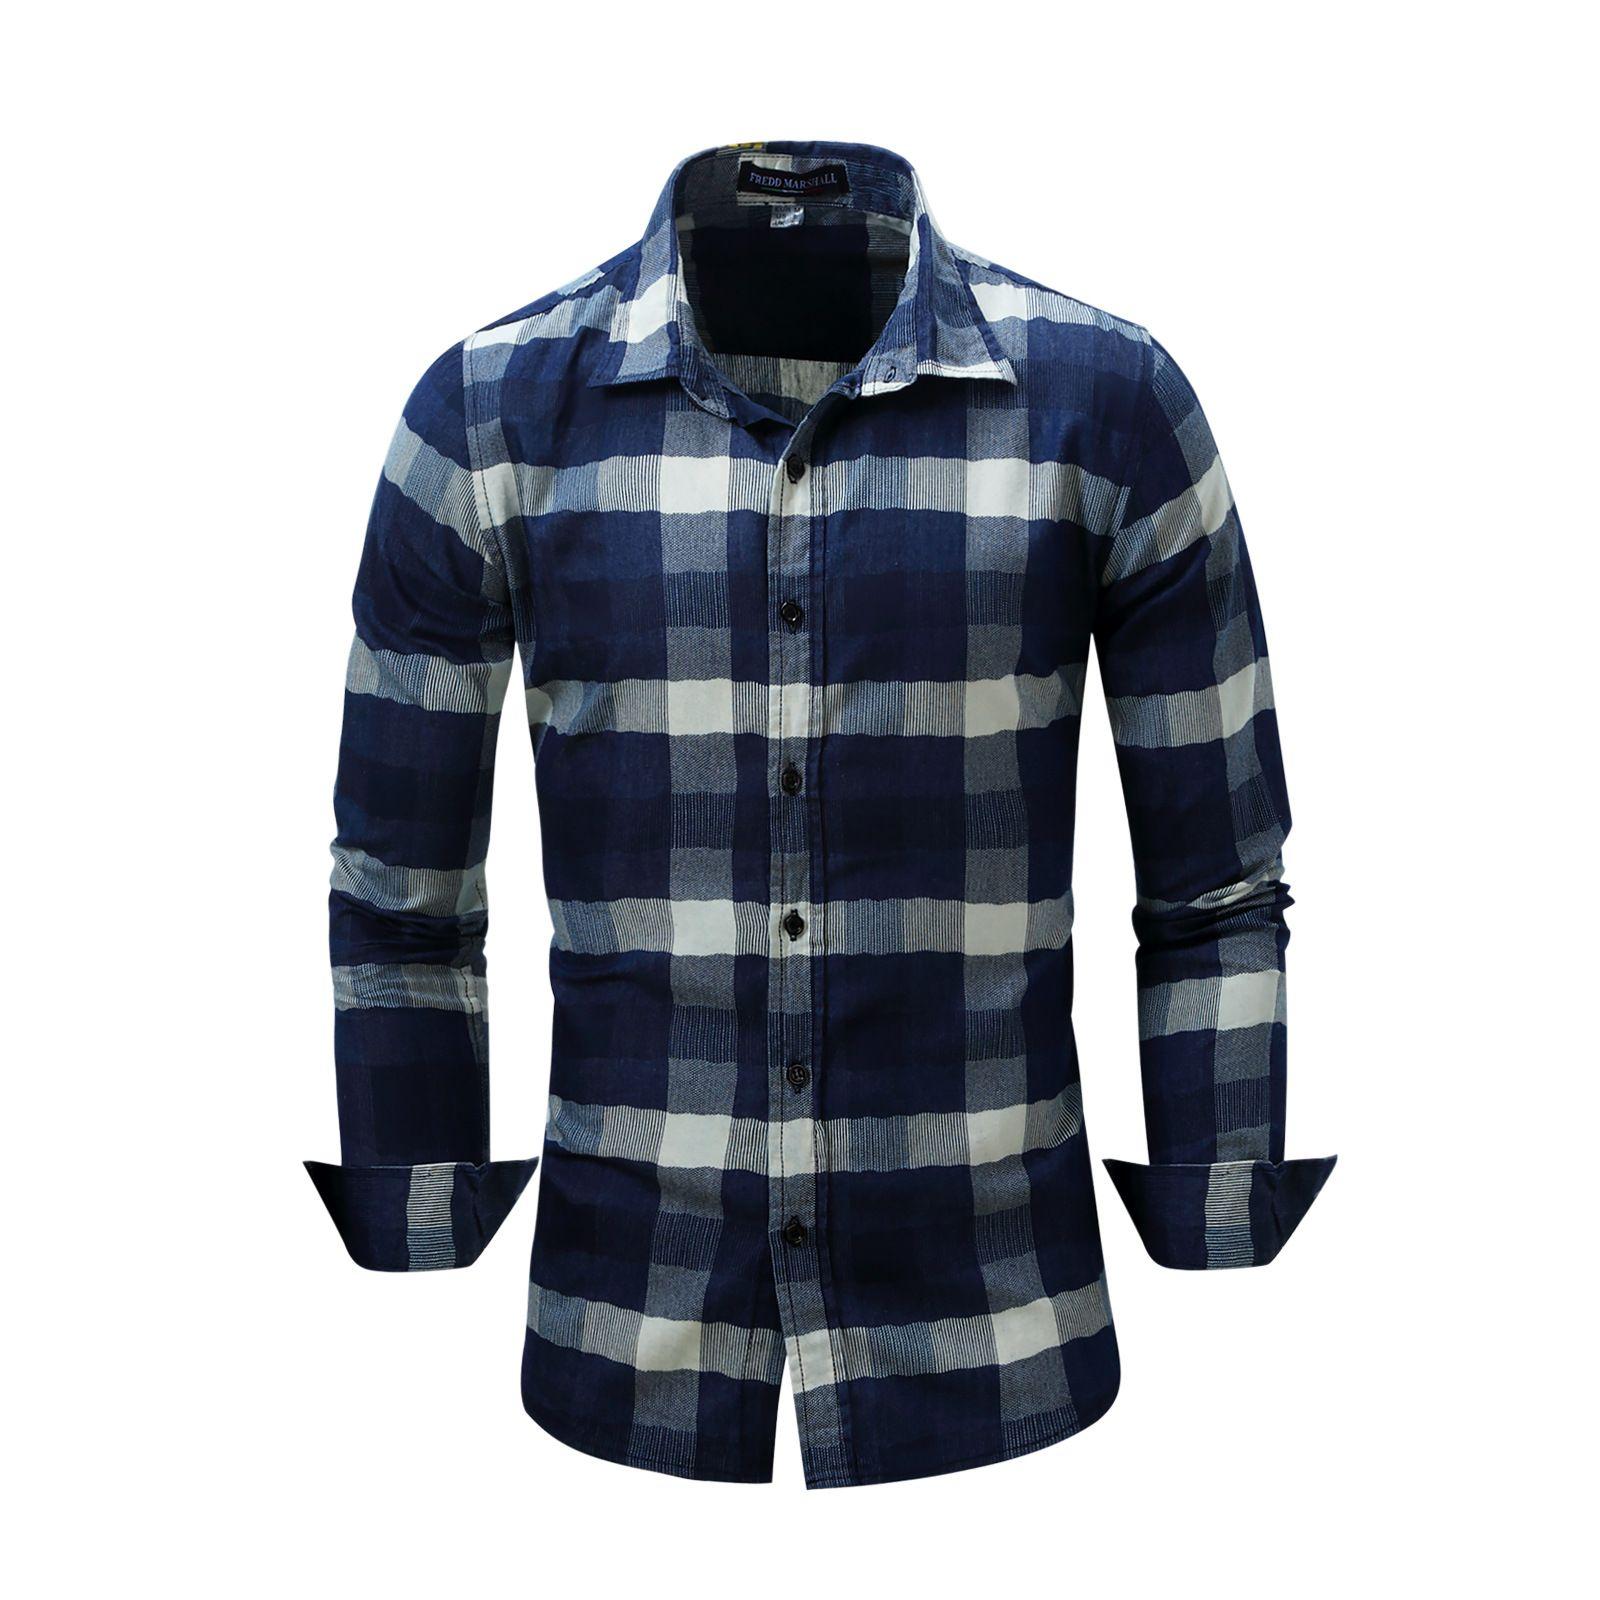 cea976713f5f1 Compre Camisa Vaquera De Manga Larga Para Hombres Nuevos A  5.08 Del  Minglian1233